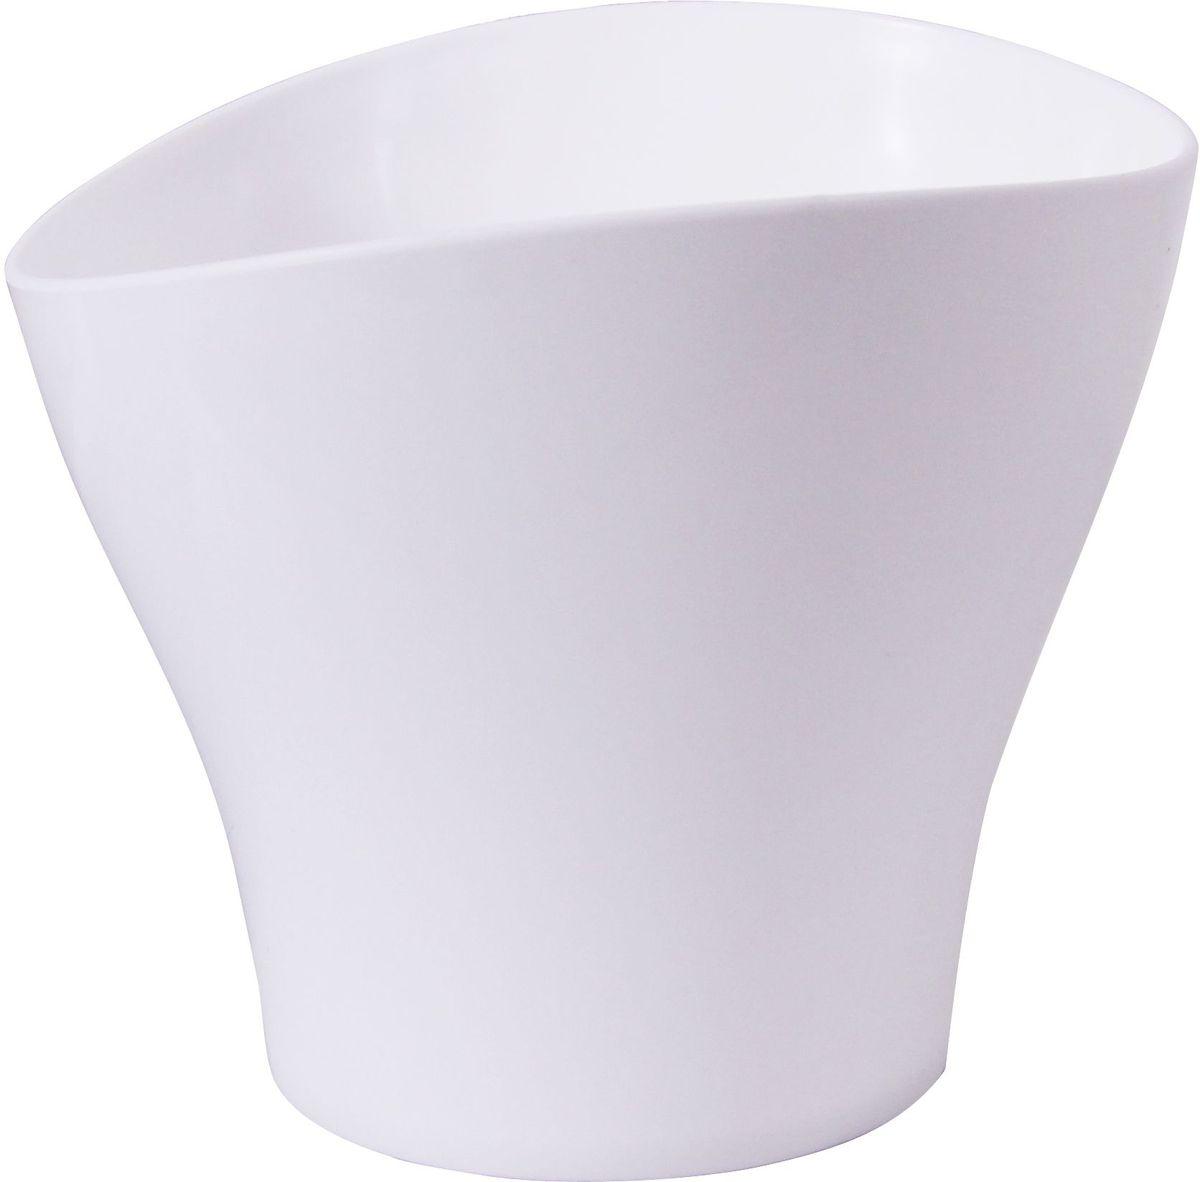 Кашпо Idea Волна, цвет: белый, 800 млМ 3102Кашпо Idea Волна изготовлено из прочного полипропилена (пластика) и предназначено для выращивания растений, цветов и трав в домашних условиях. Такое кашпо порадует вас функциональностью, а благодаря лаконичному дизайну впишется в любой интерьер помещения. Объем кашпо: 0,8 л.